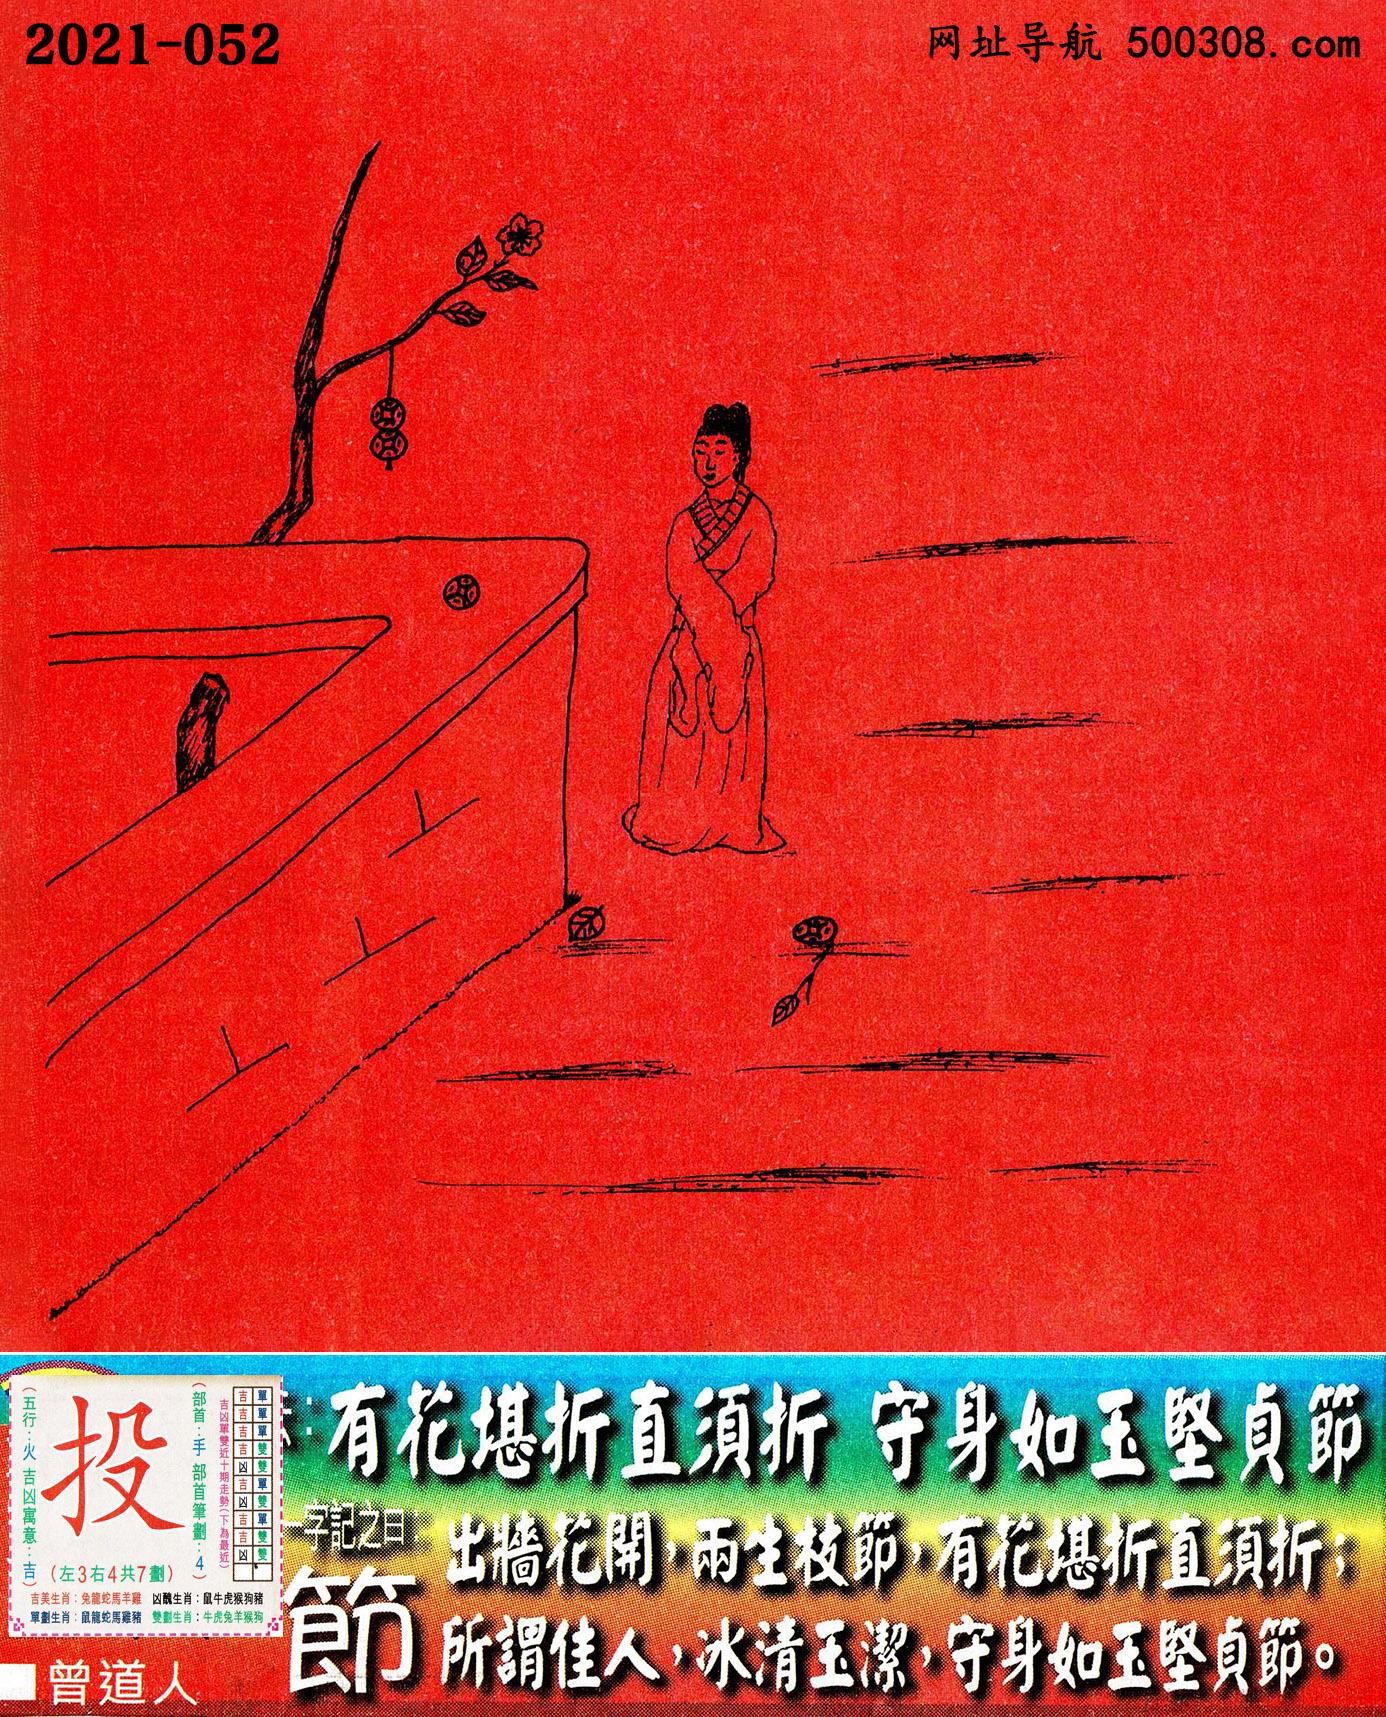 052期老版跑狗一字記之曰:【節】_詩雲:有花堪折直須折,守身如玉堅貞節。